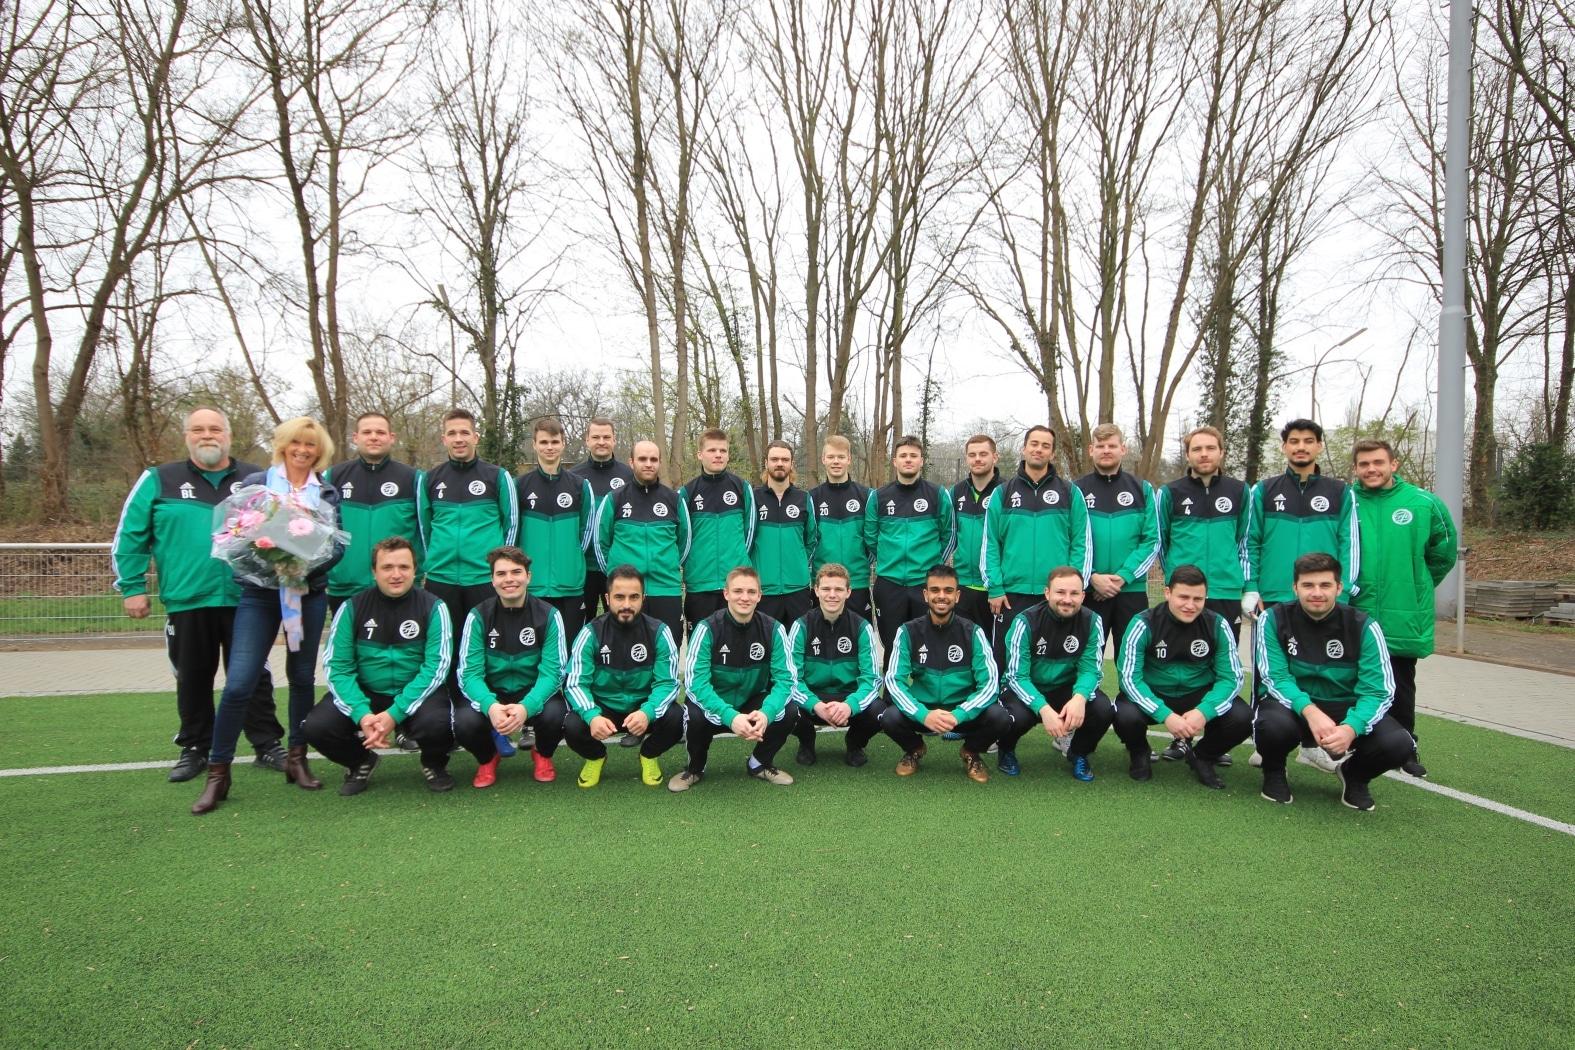 ZEIT & WERT Immobilen sponsort Sportverein Erfa 09 Gymnich